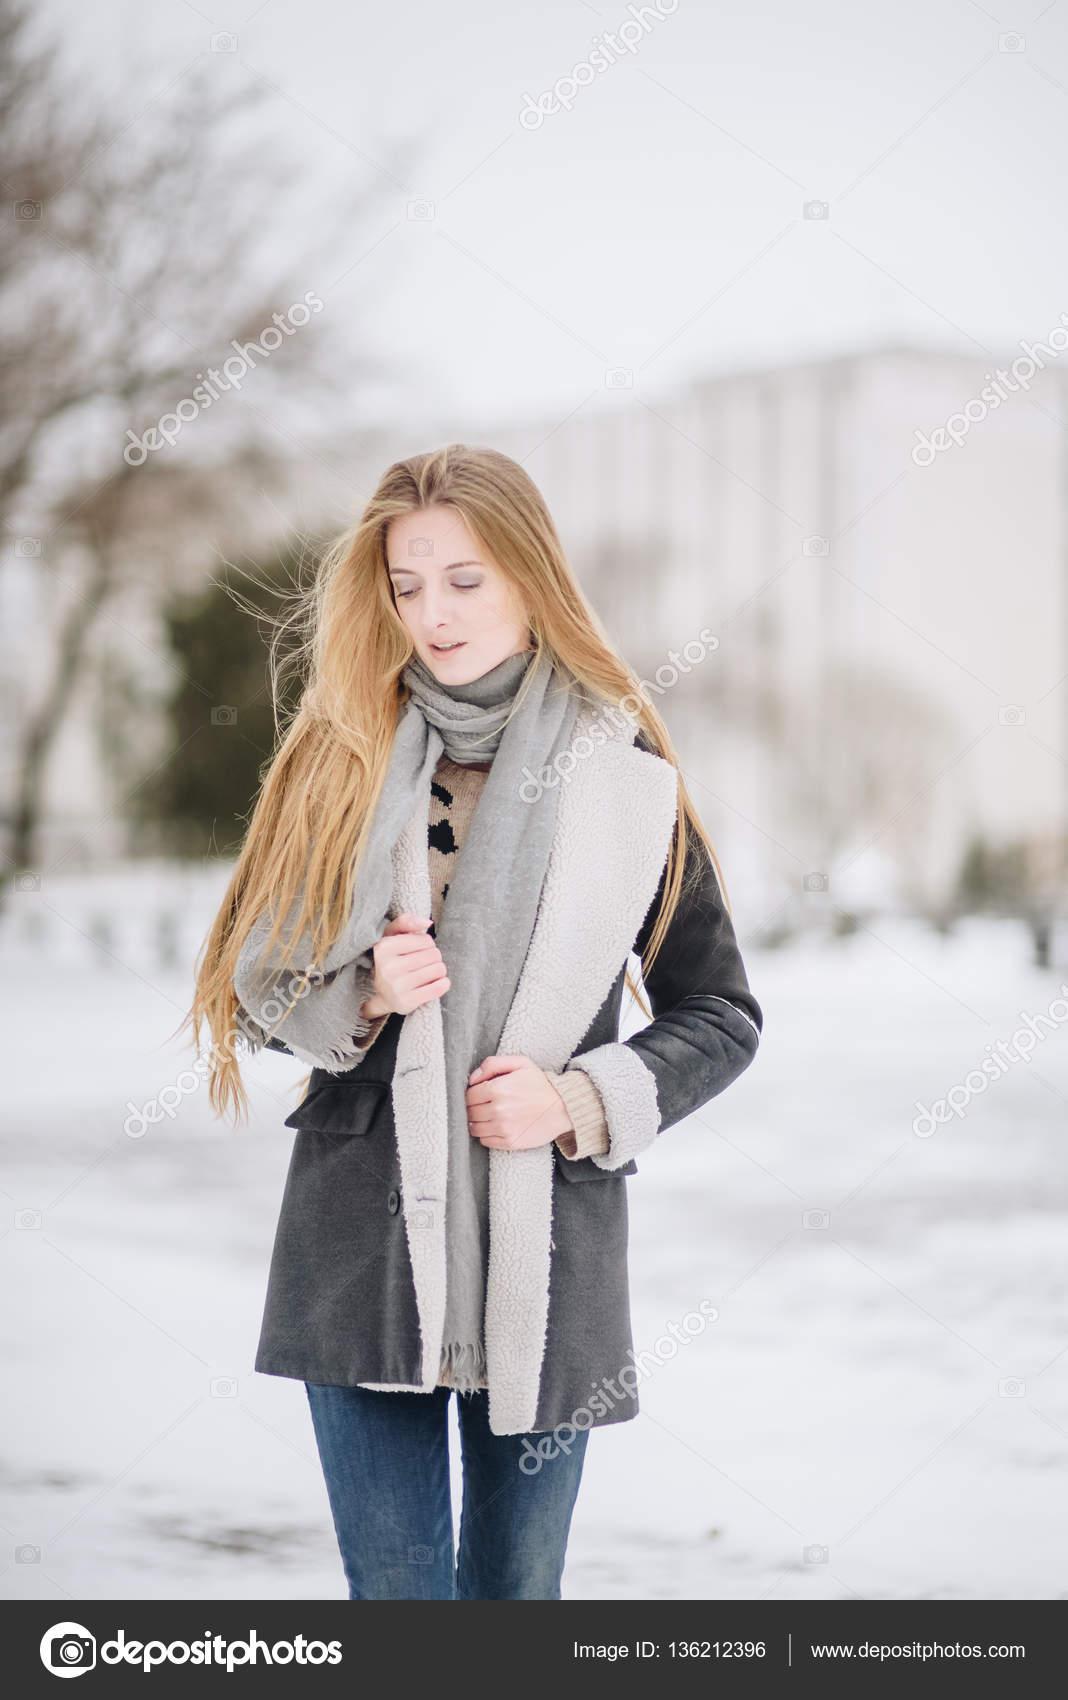 1f8c5cf3873 Krásná mladá šťastná usmívající se dívka pózuje na ulici. Model ...